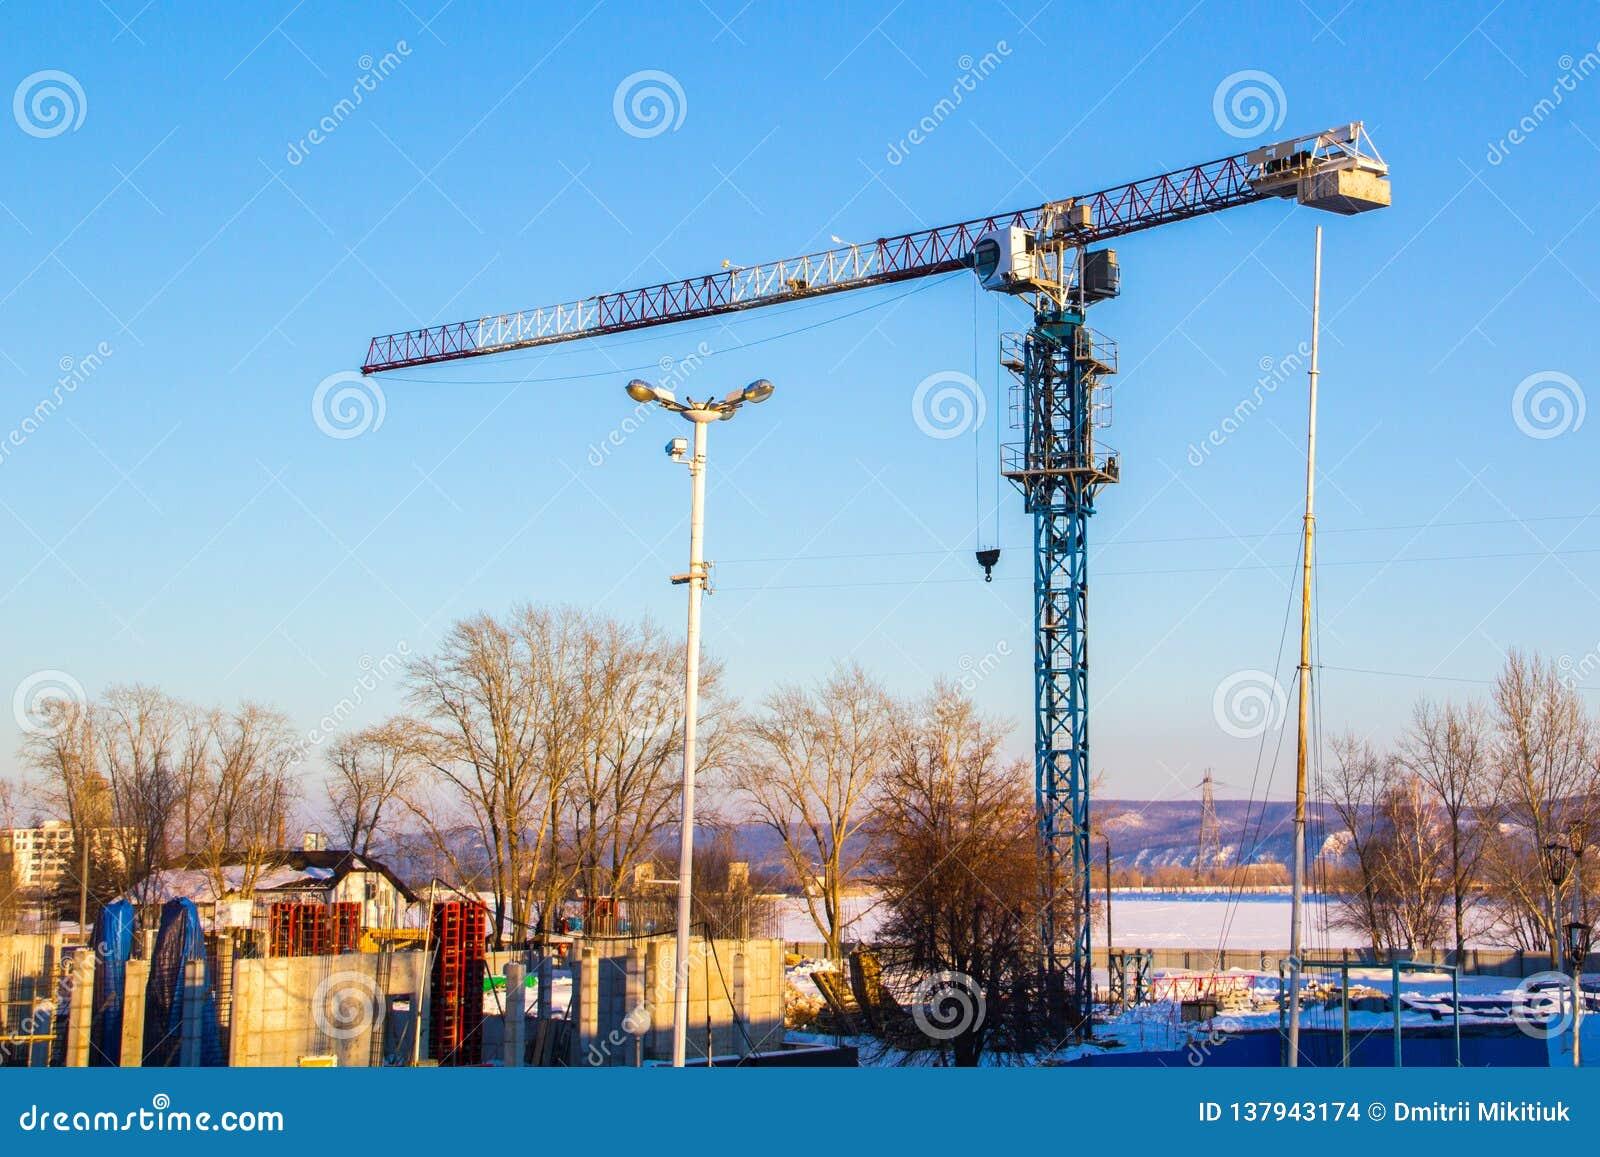 Υψηλός γερανός κατασκευής ανελκυστήρων με τα άσπρα, κόκκινα και μπλε χρώματα ενάντια σε έναν μπλε ουρανό